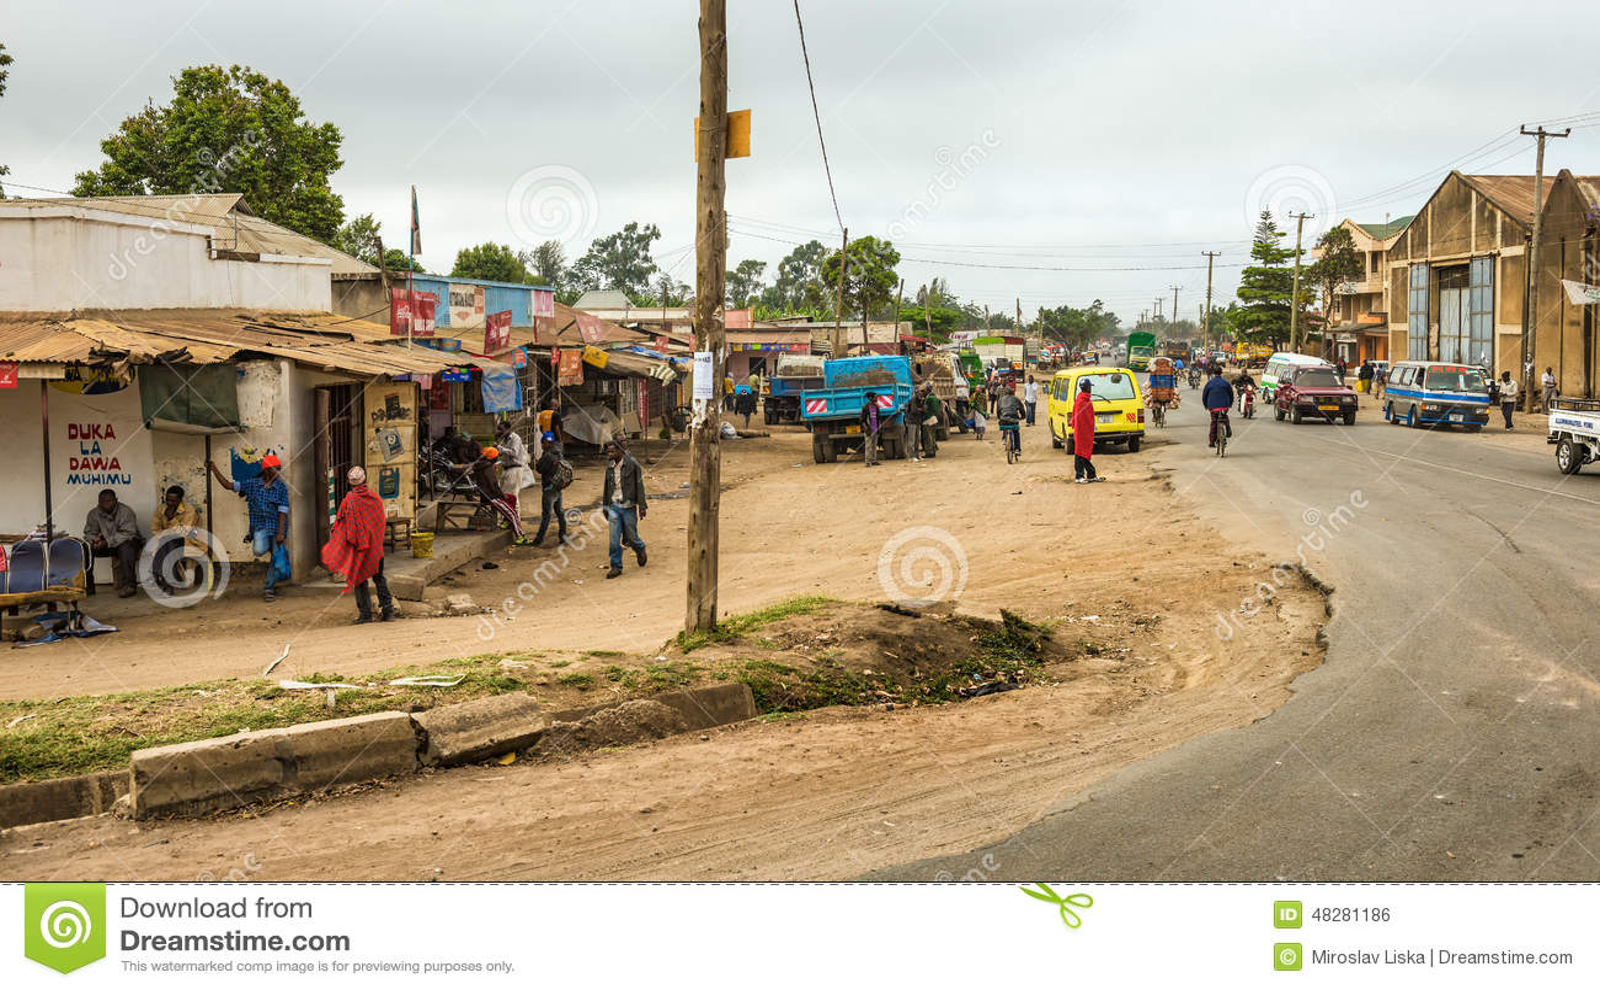 Escena típica de la calle en Arusha, Tanzania